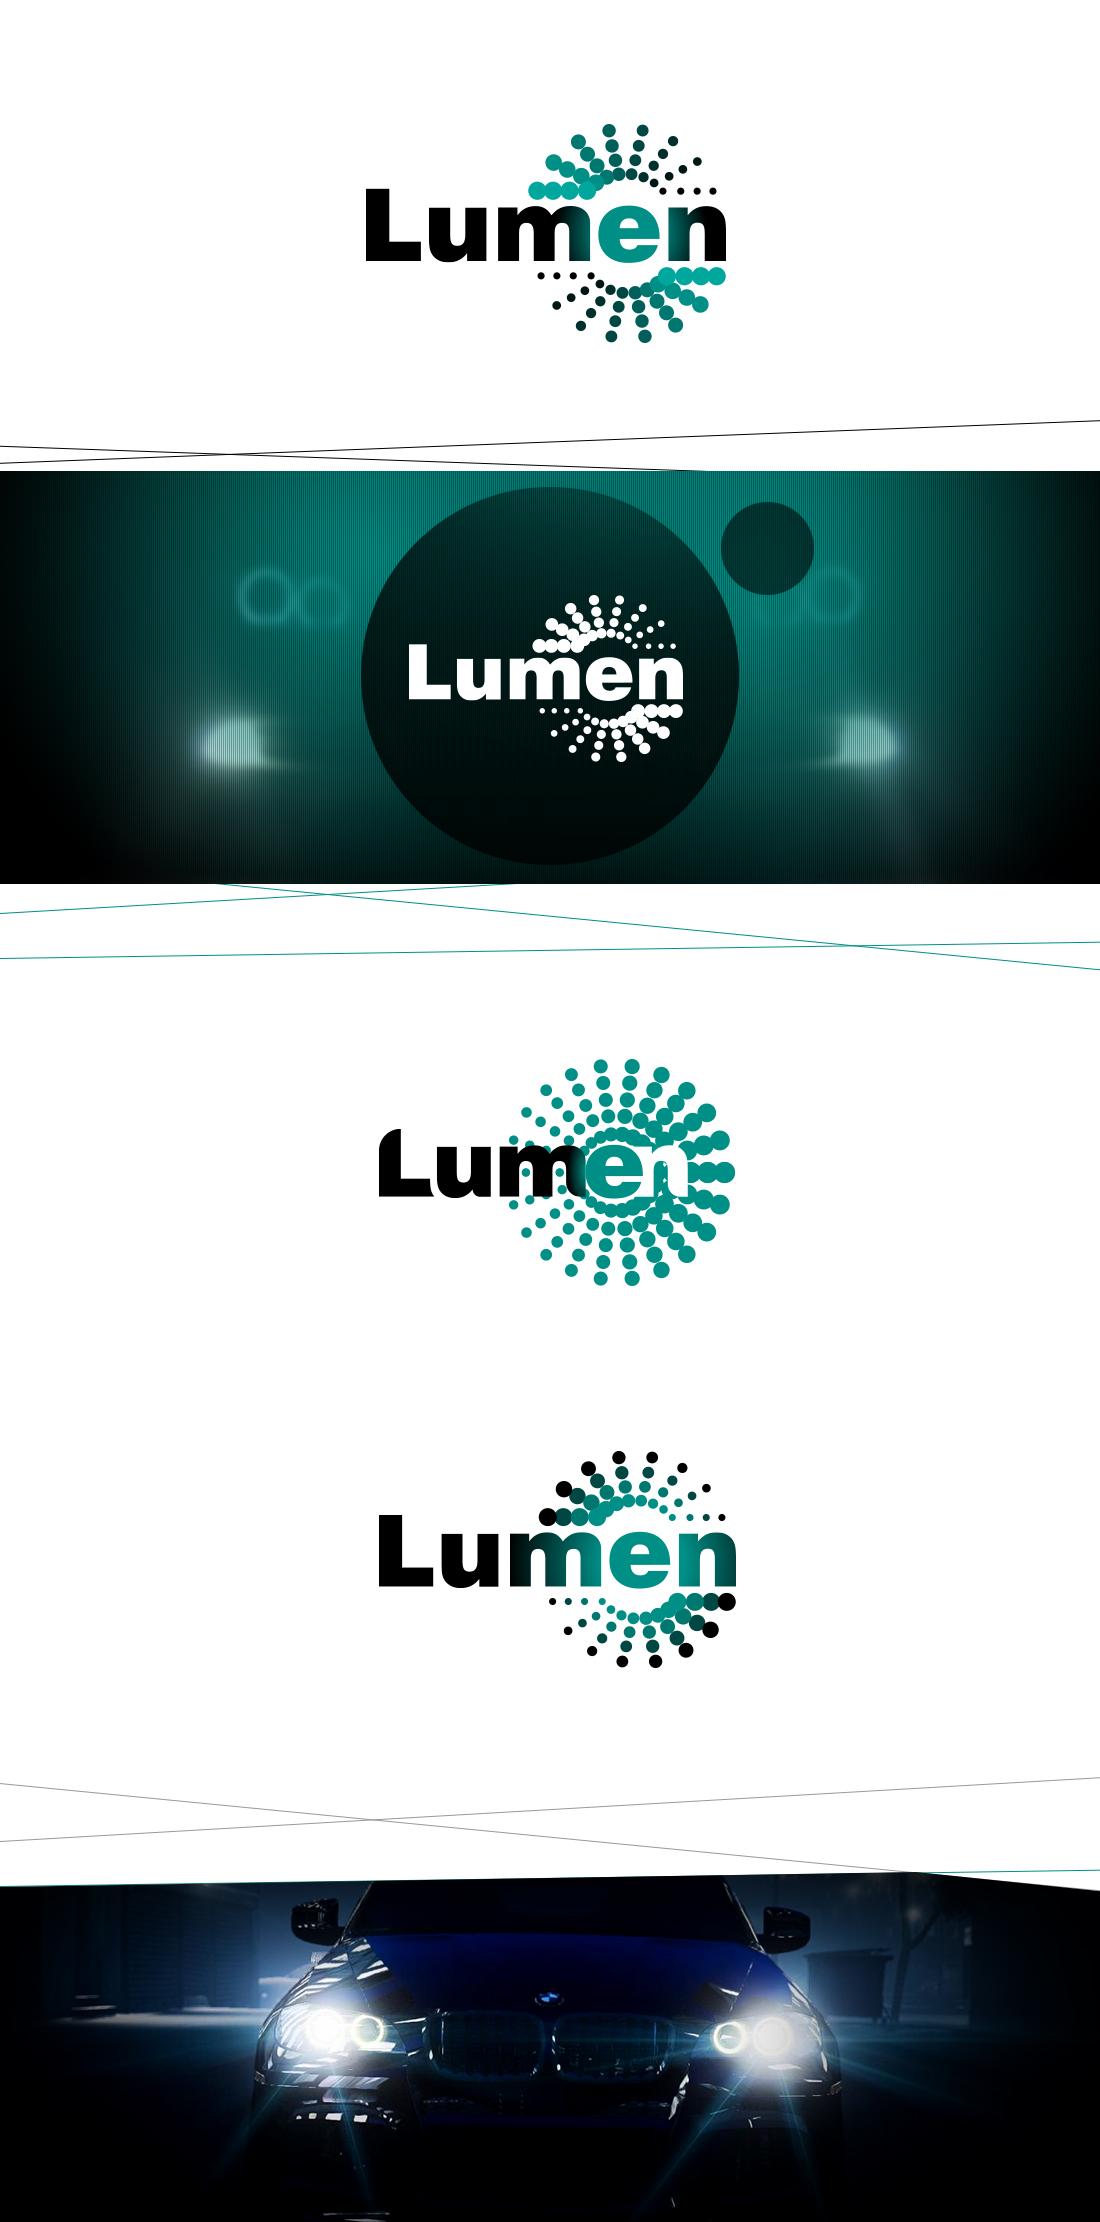 Lumen - светодиодное освещение